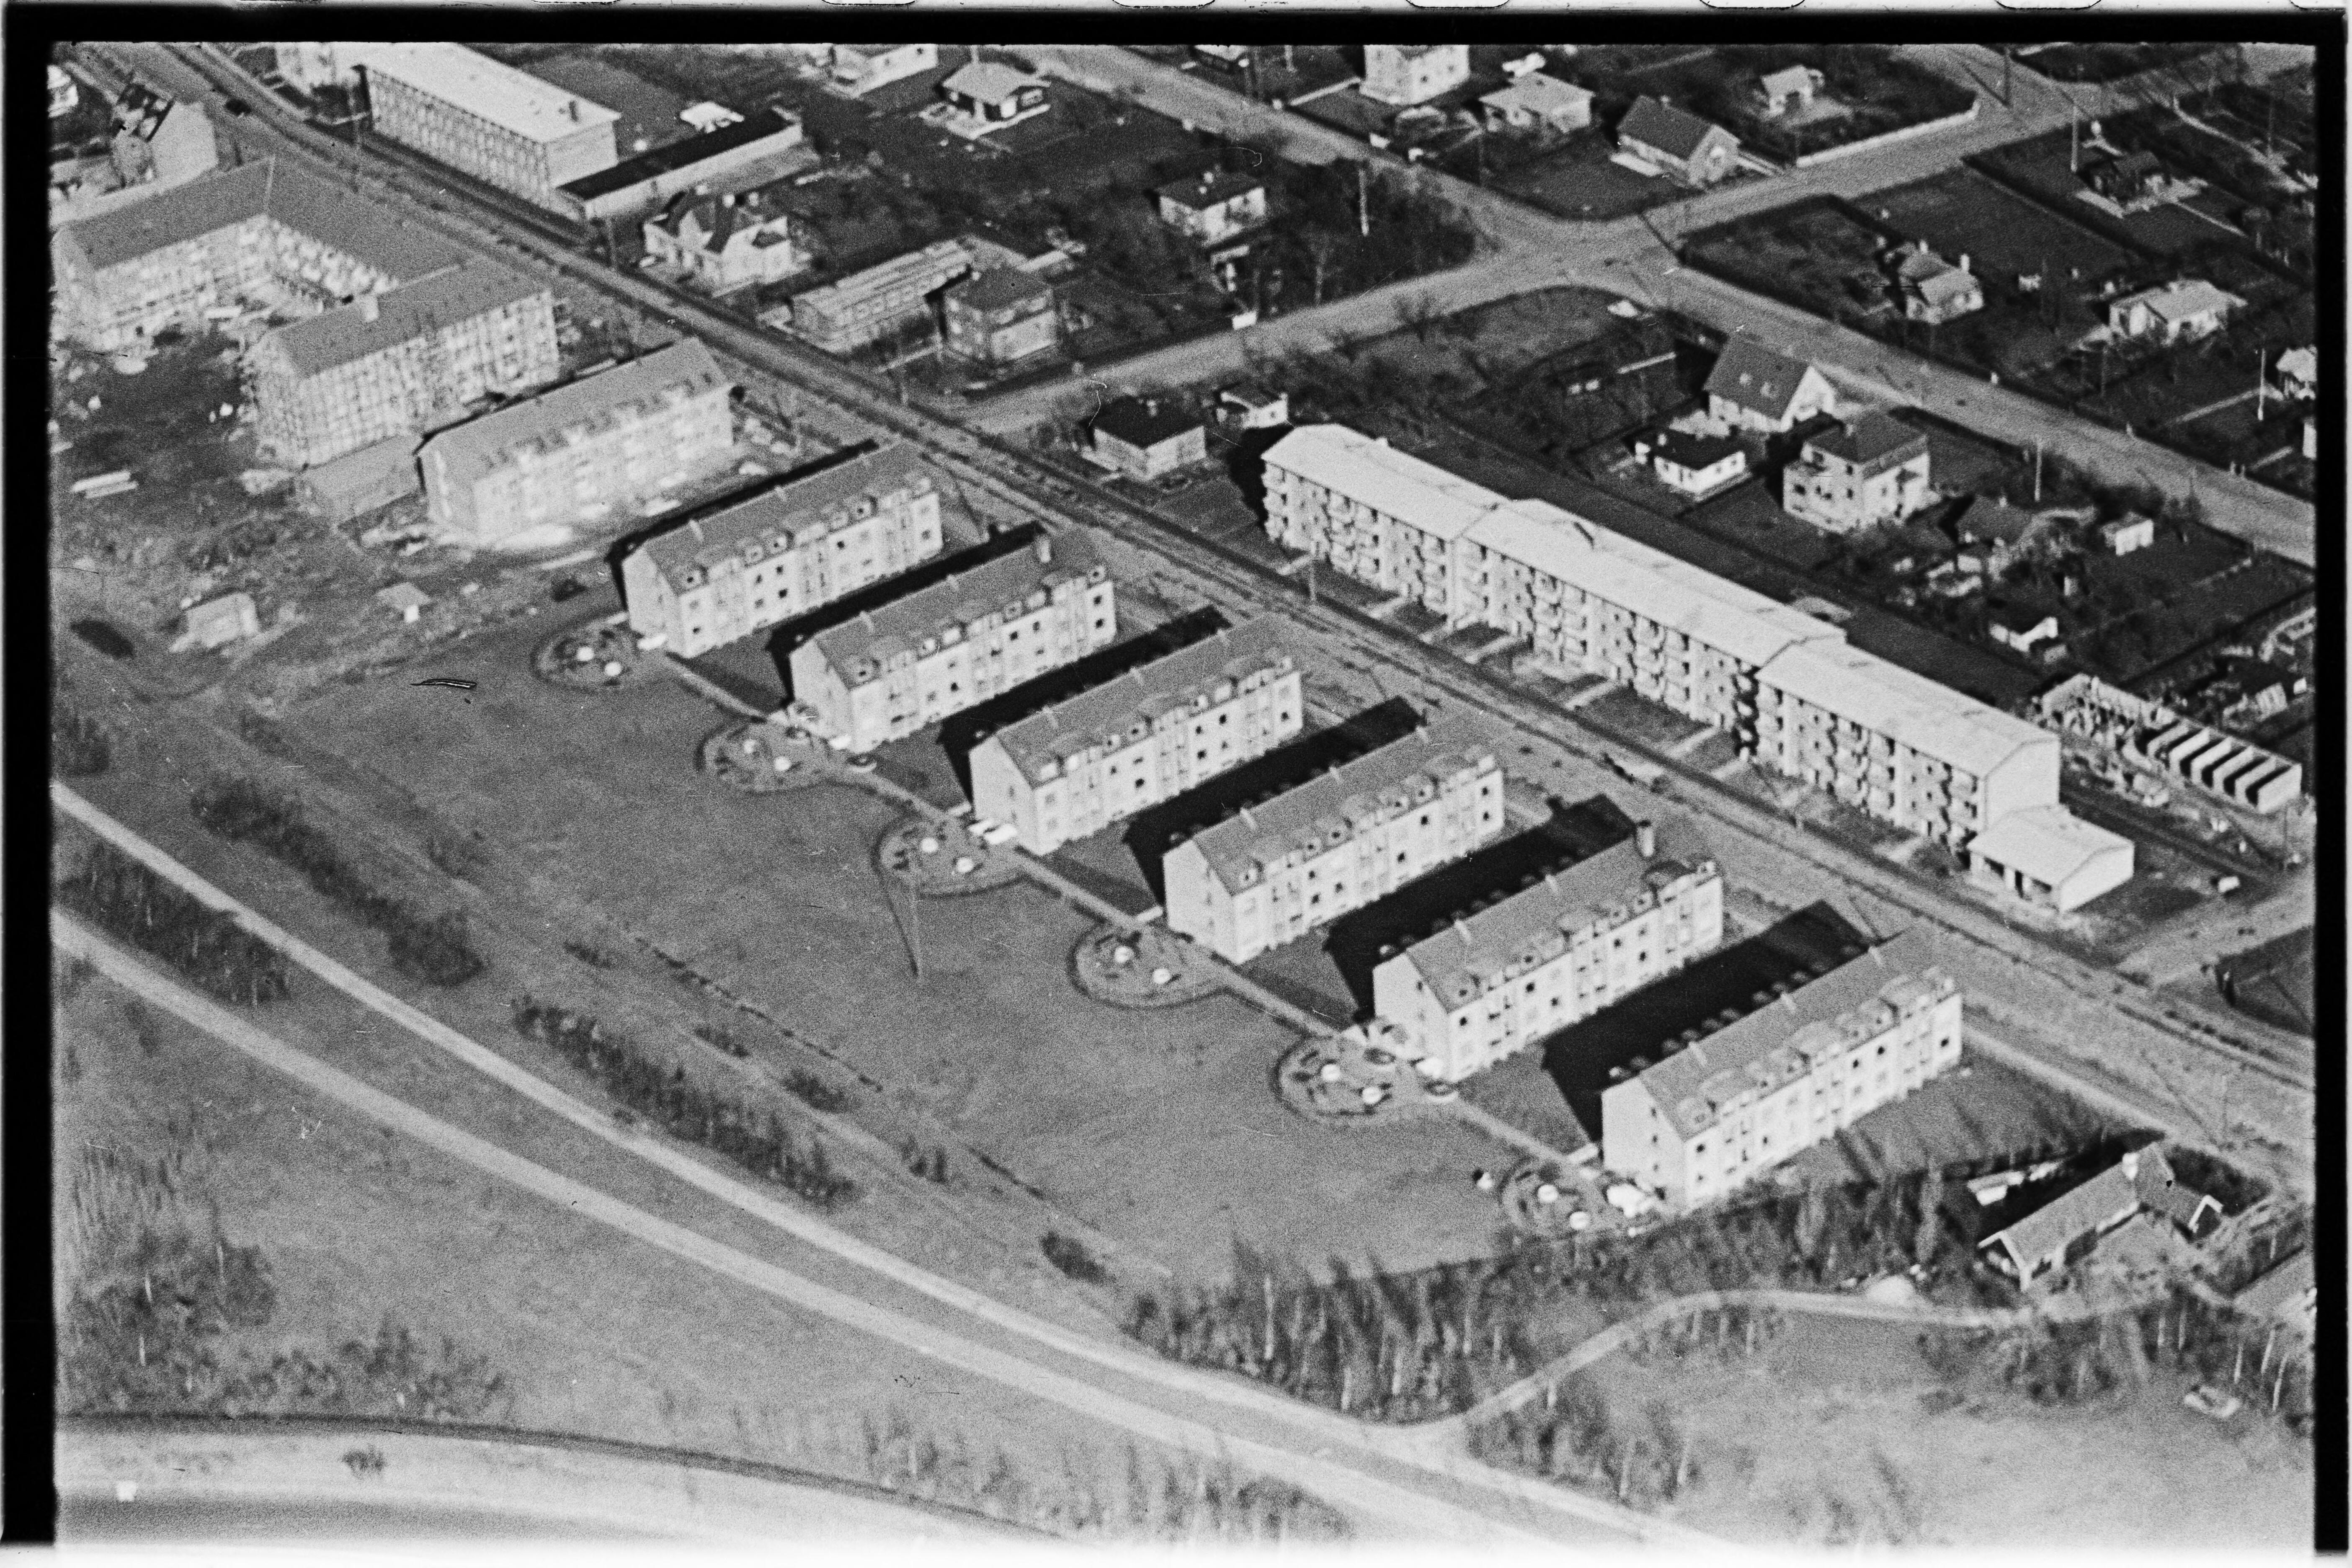 Skråfoto fra 1950-1954 taget 252 meter fra Bjeverskov Alle 60